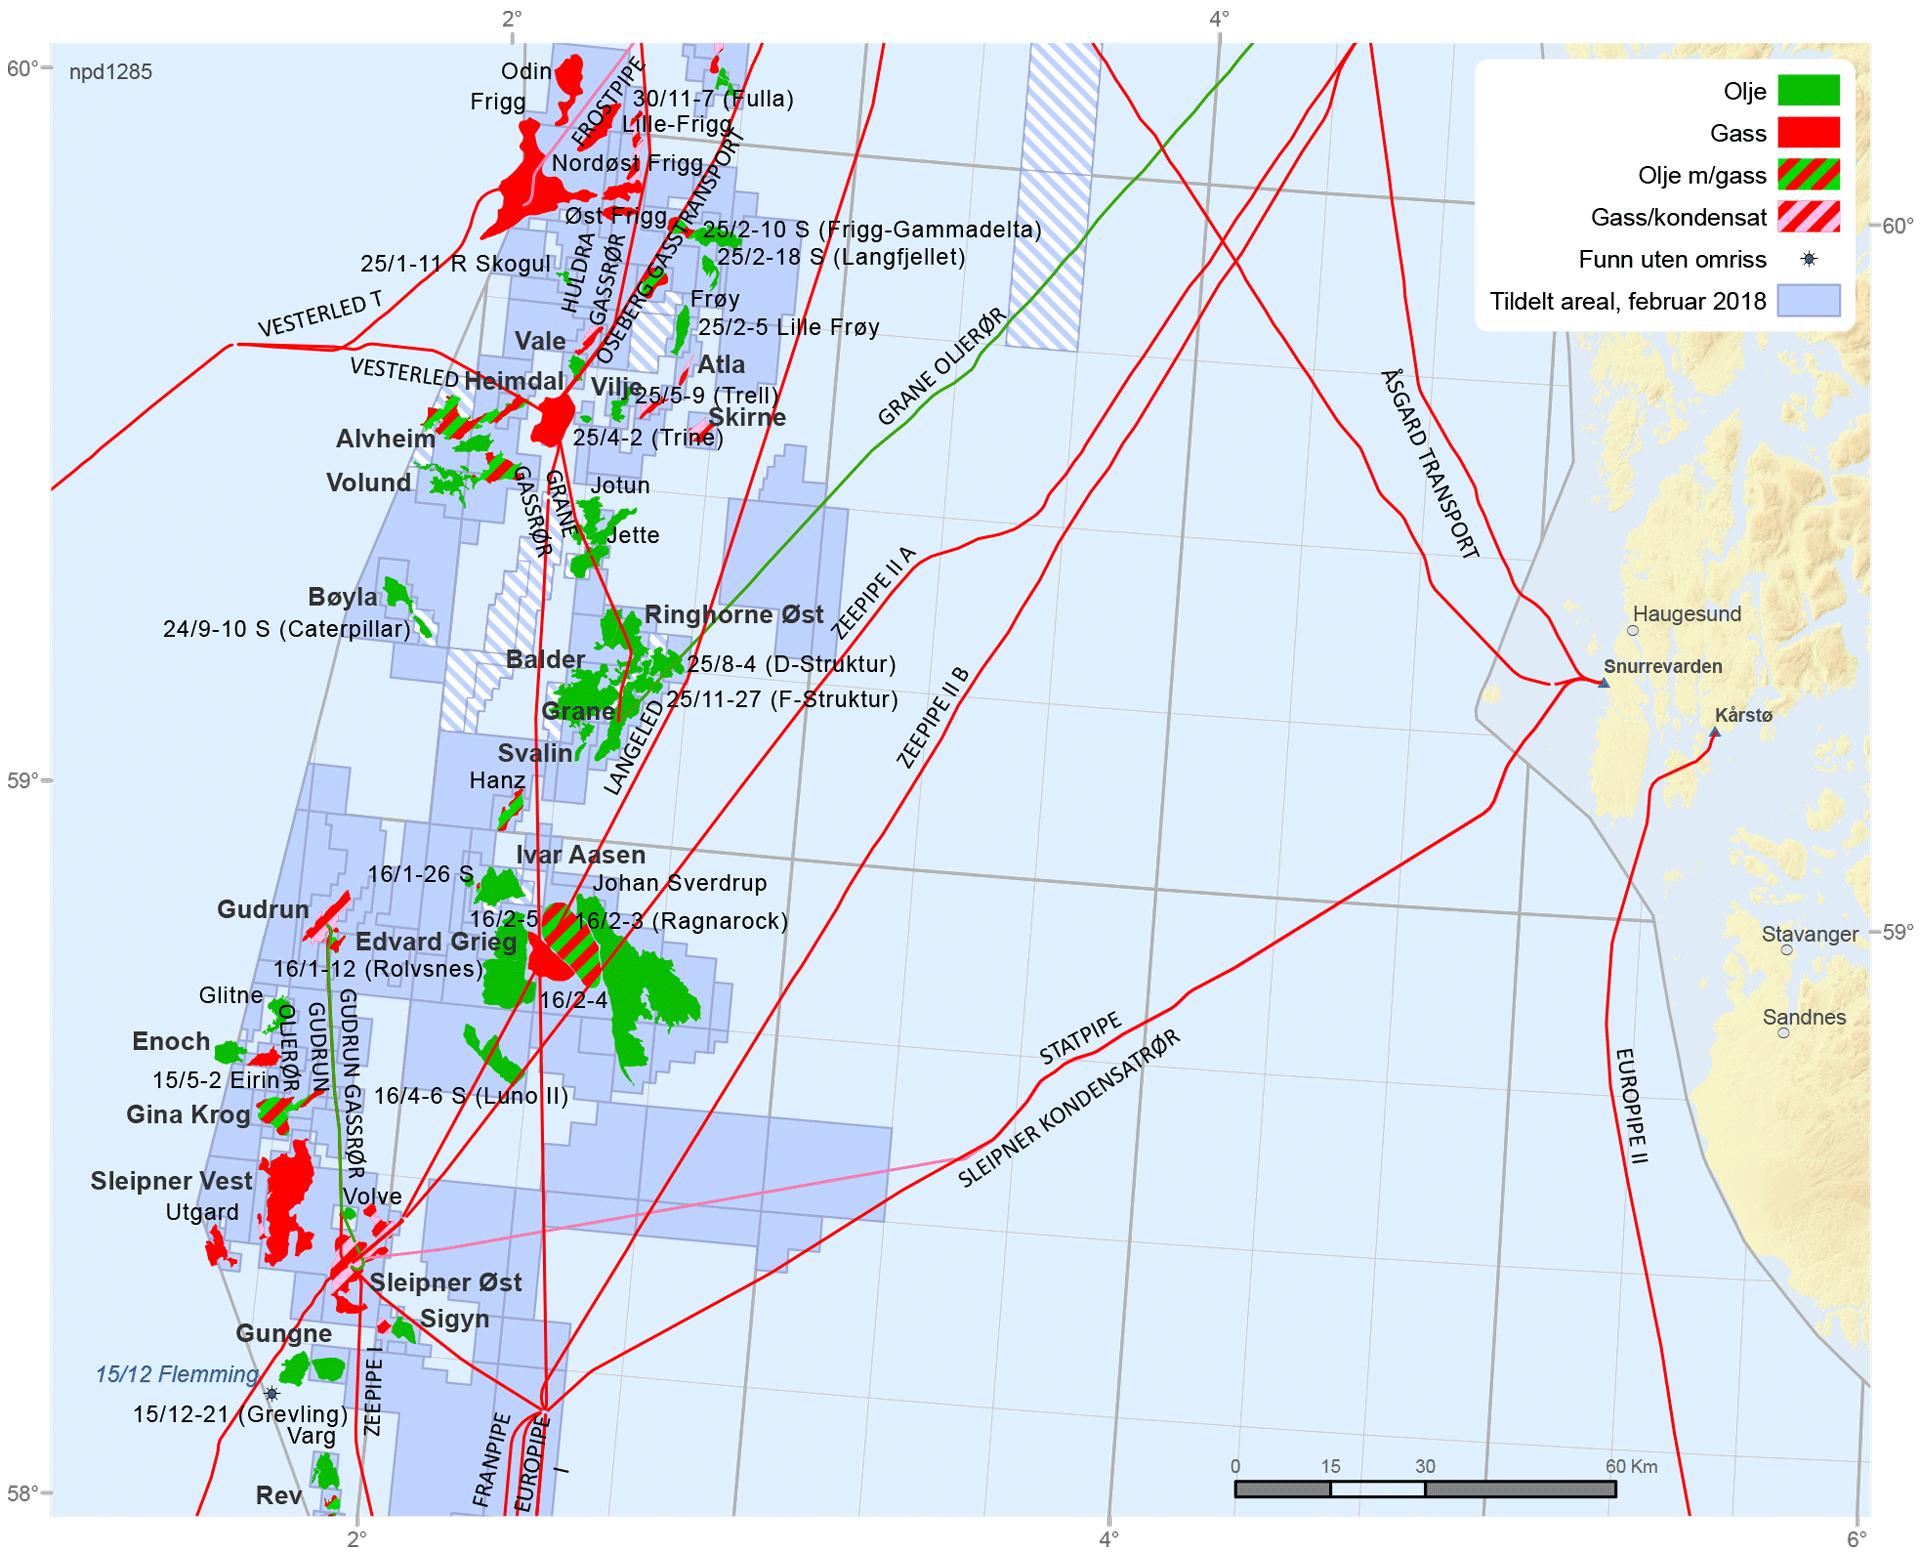 Felt og funn i den midtre delen av Nordsjøen